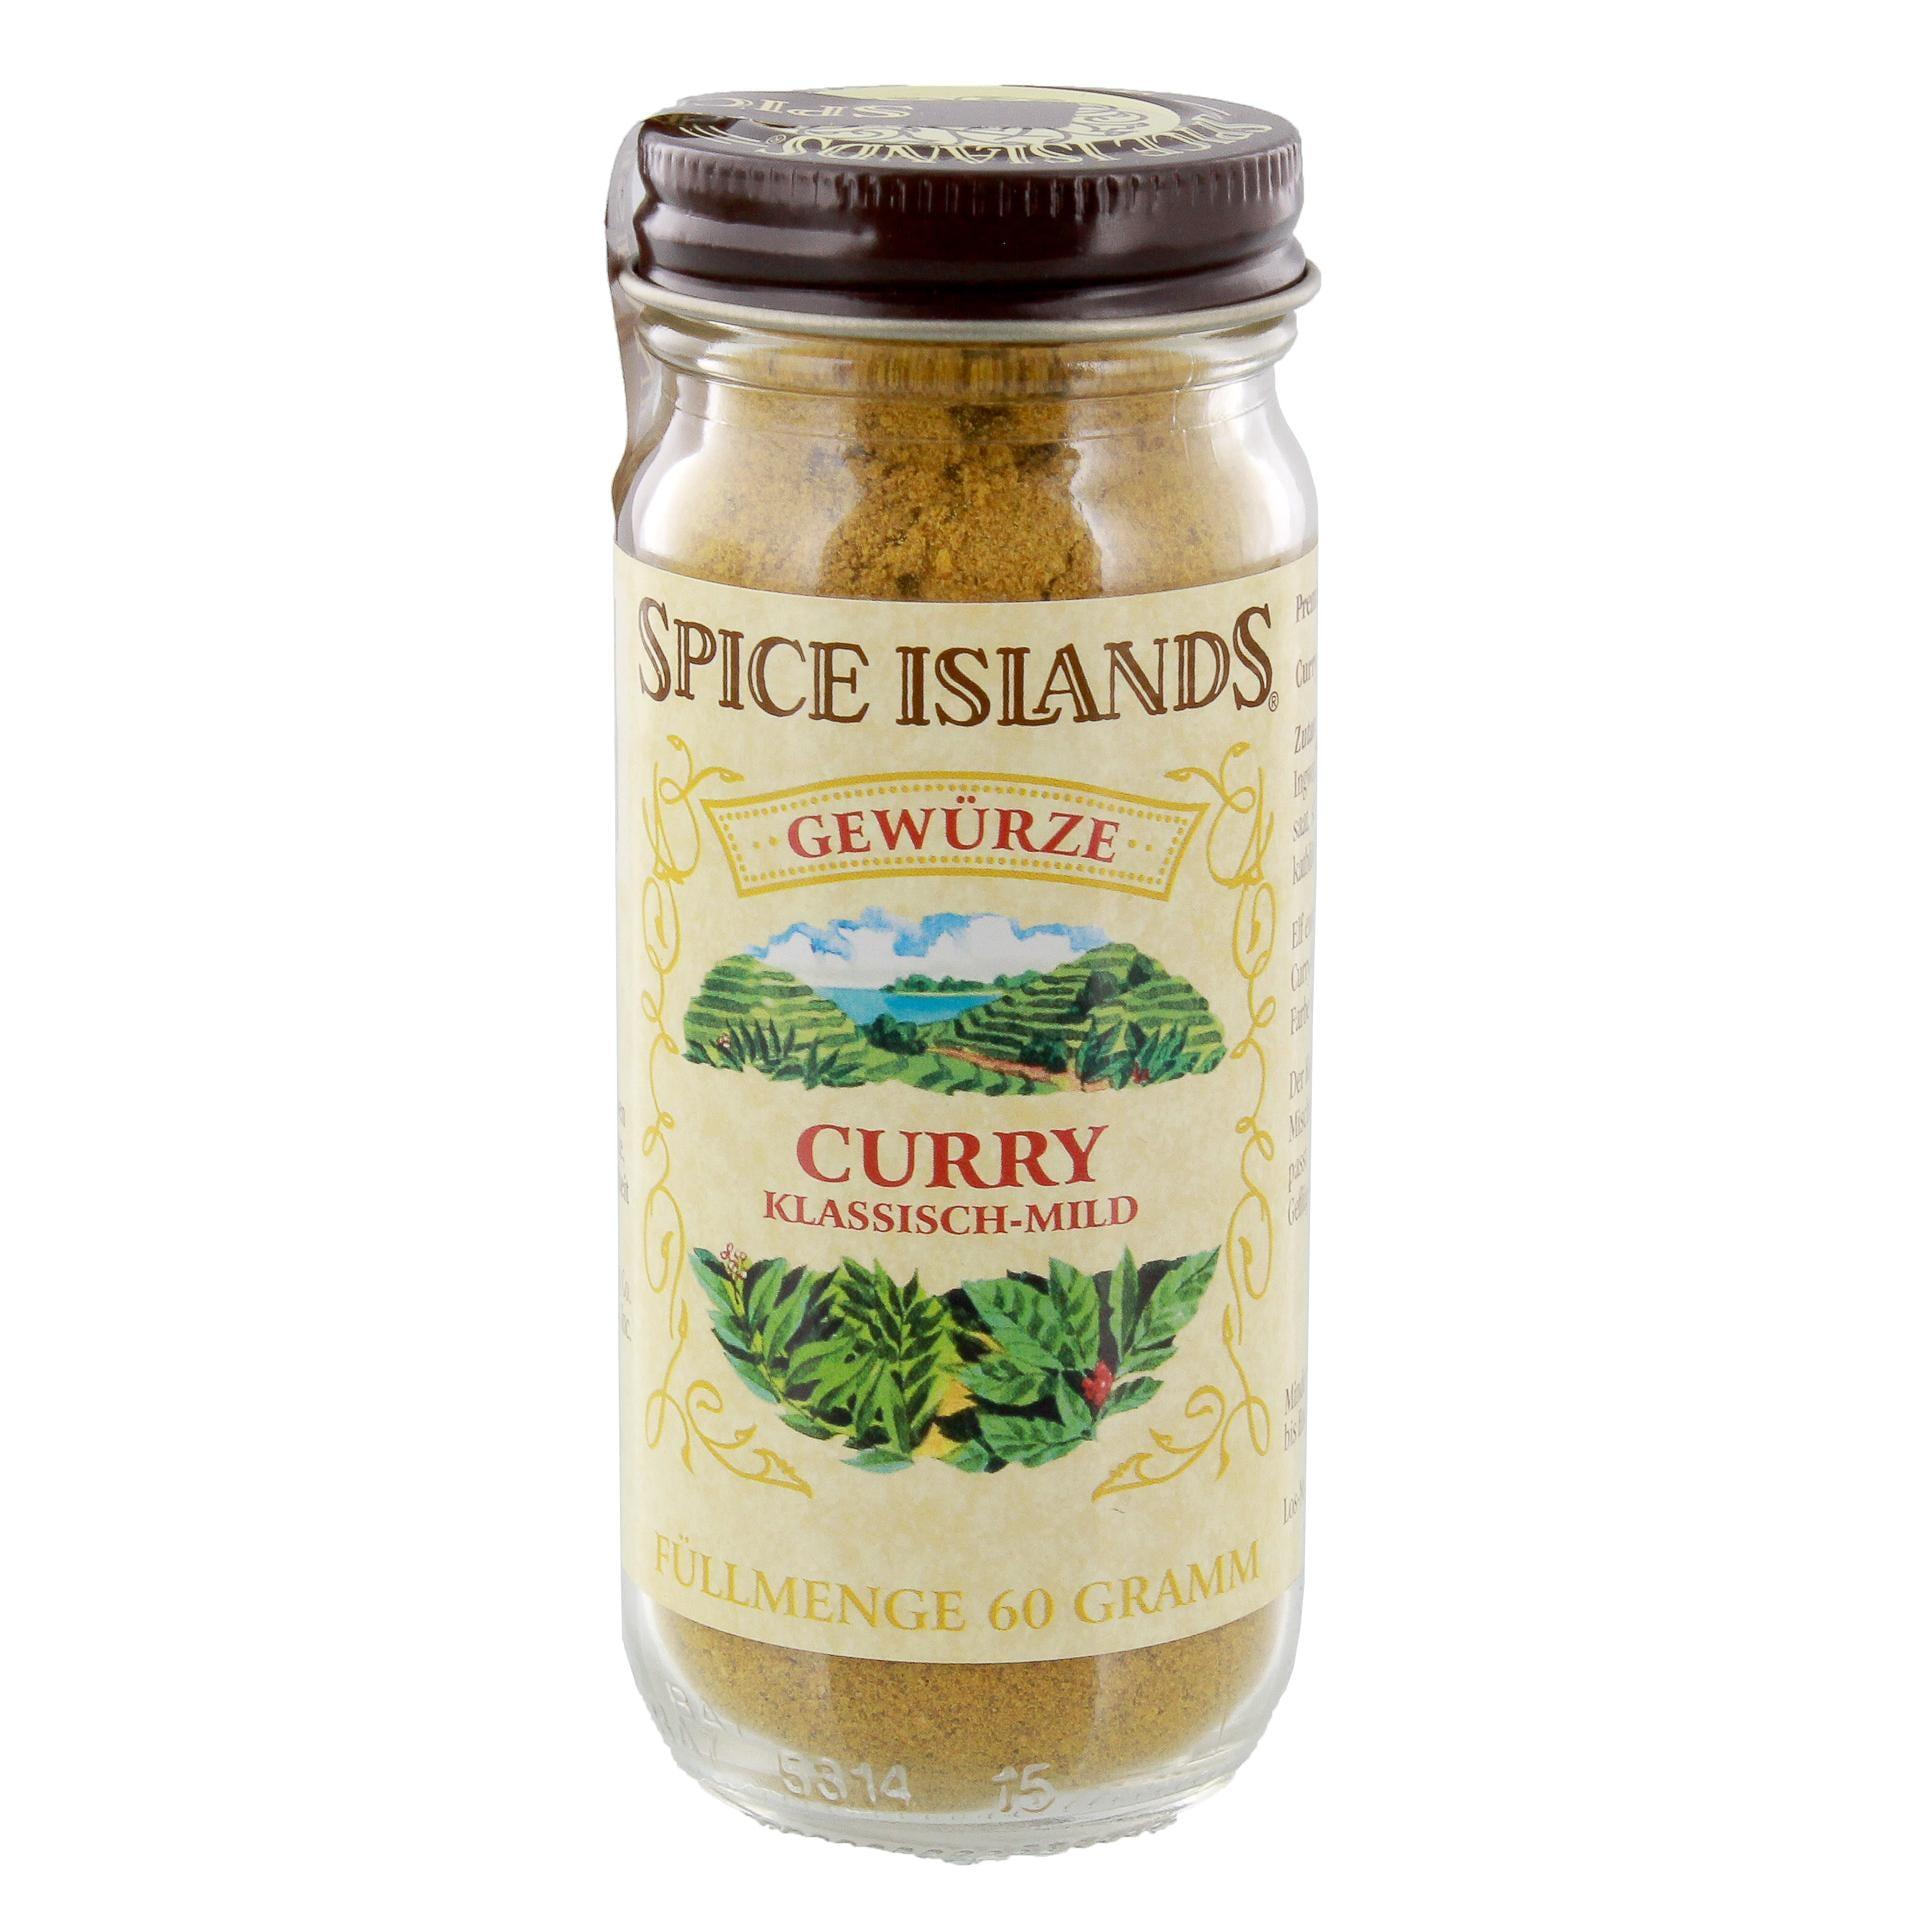 Spice Islands - Curry Gewürz klassisch-mild Orientalisch Asiatisch - 60g